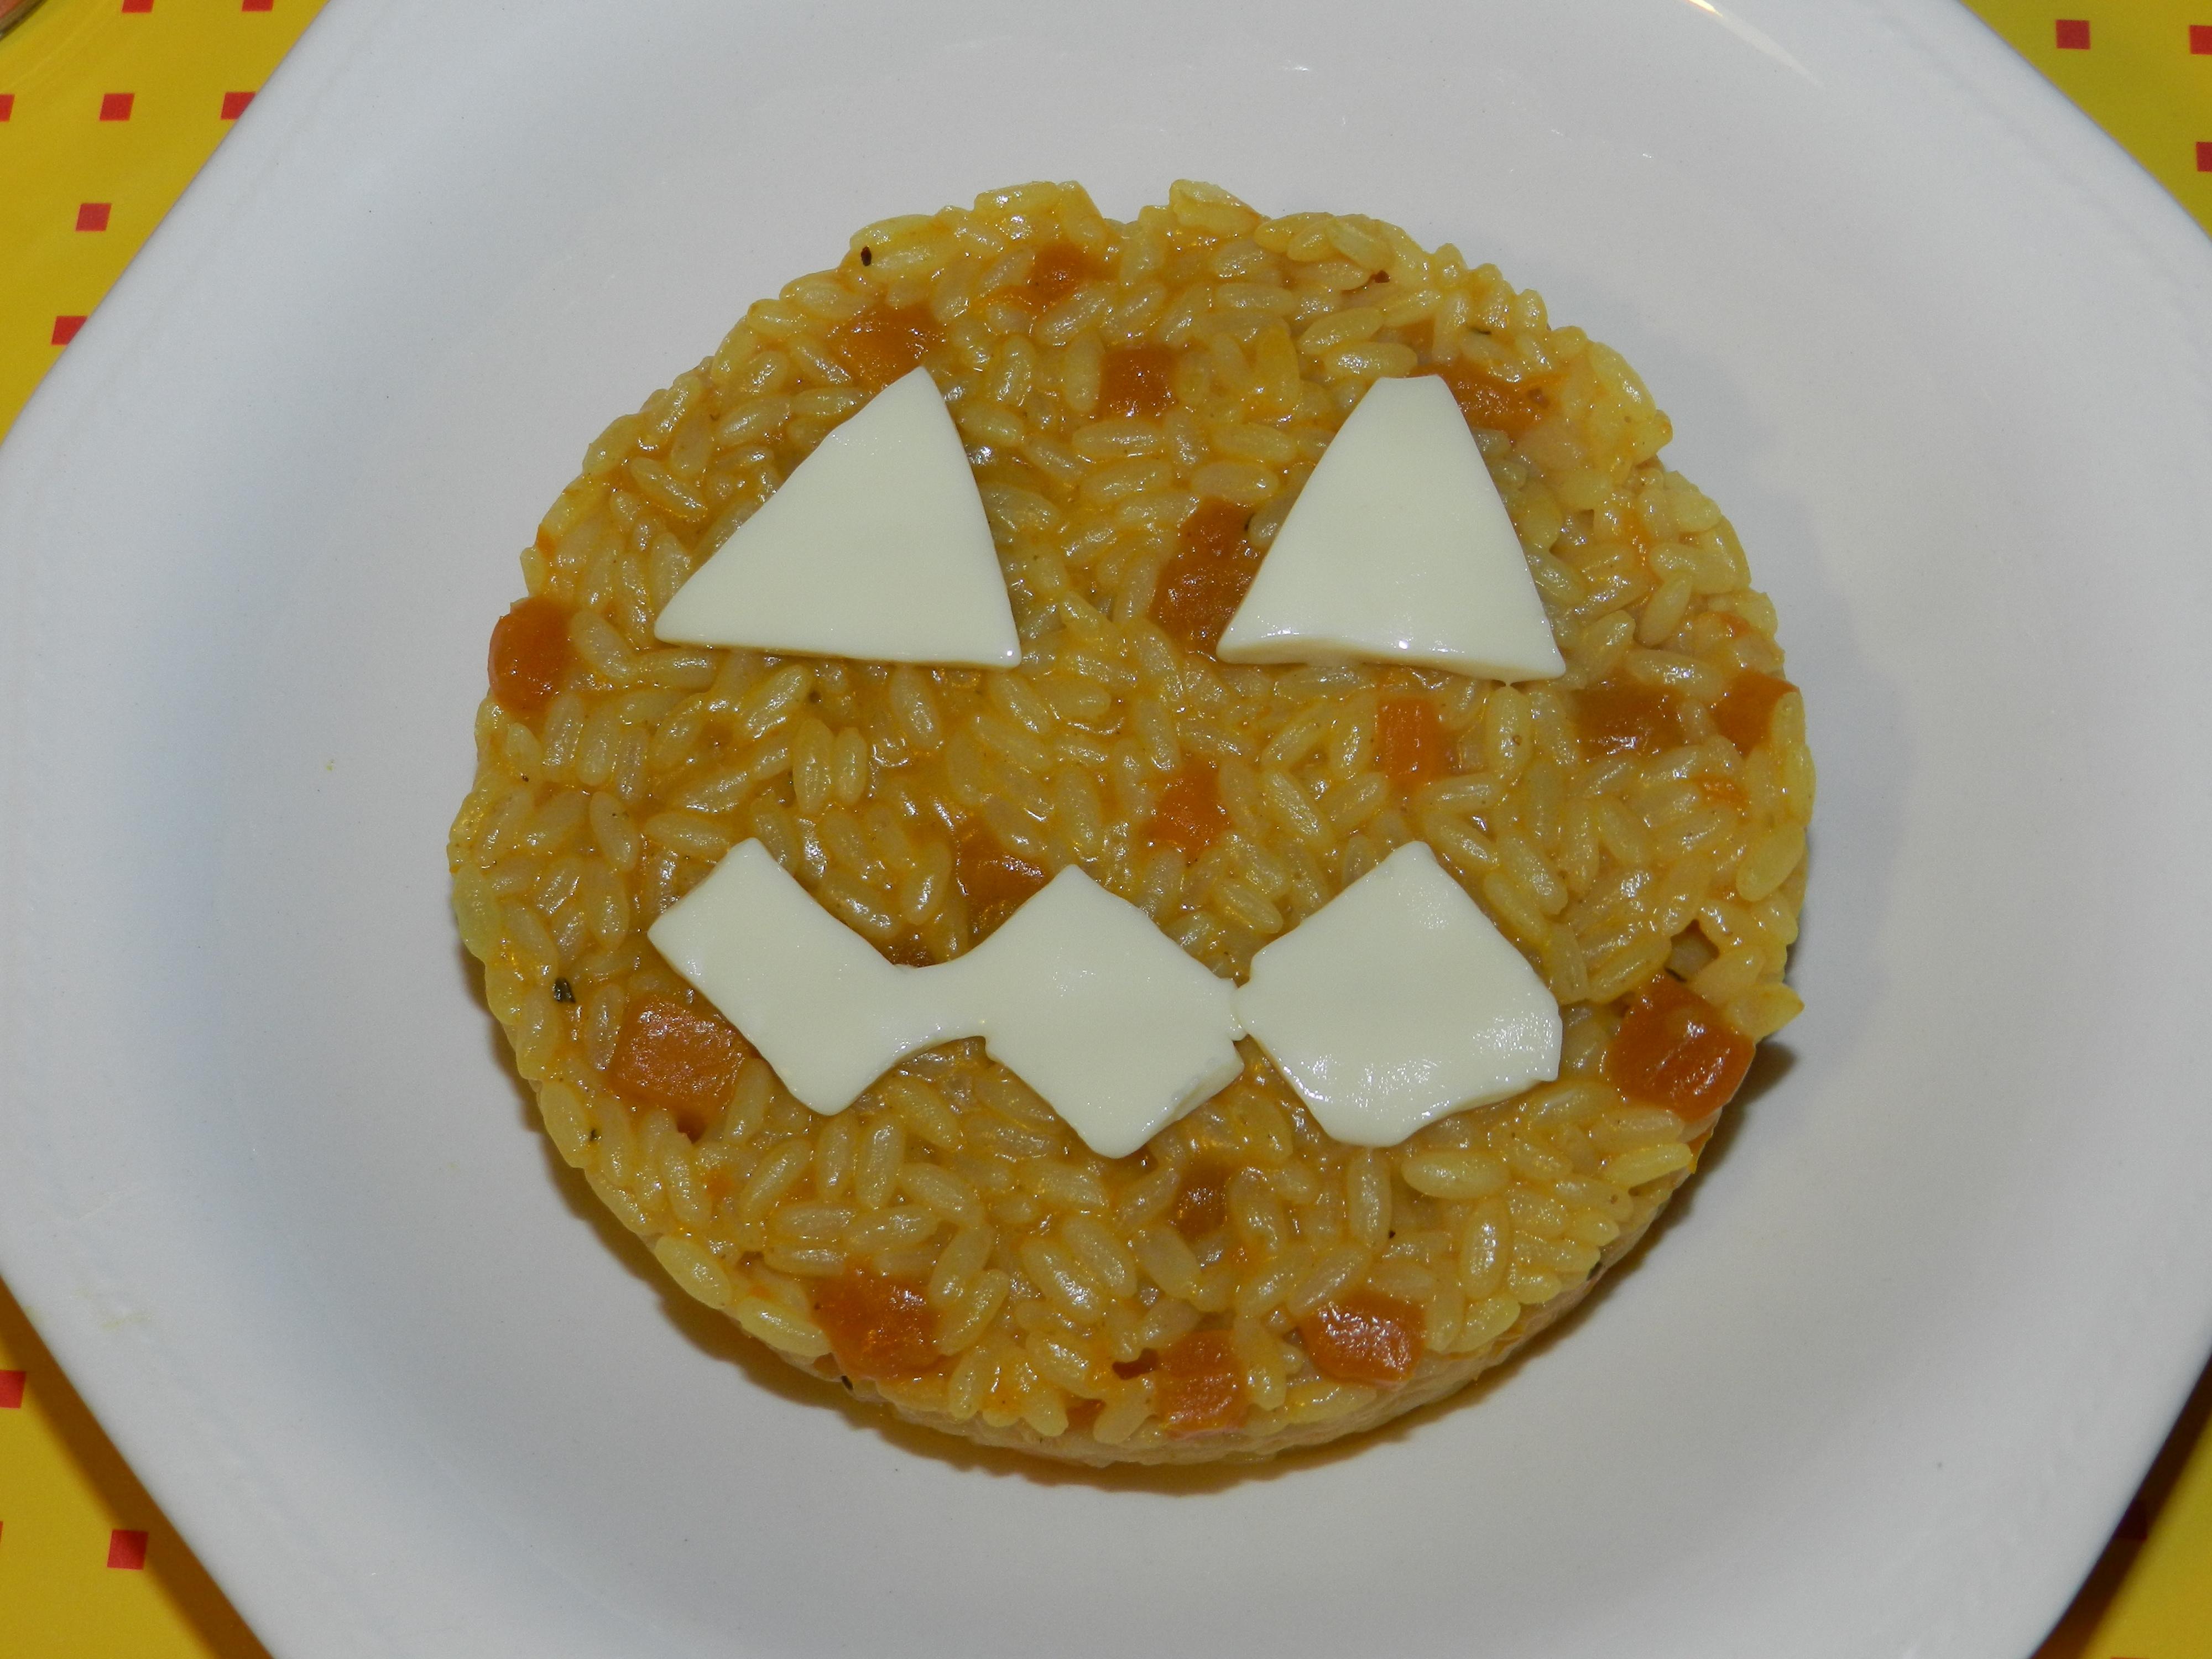 Risotto alla zucca e curry per halloween